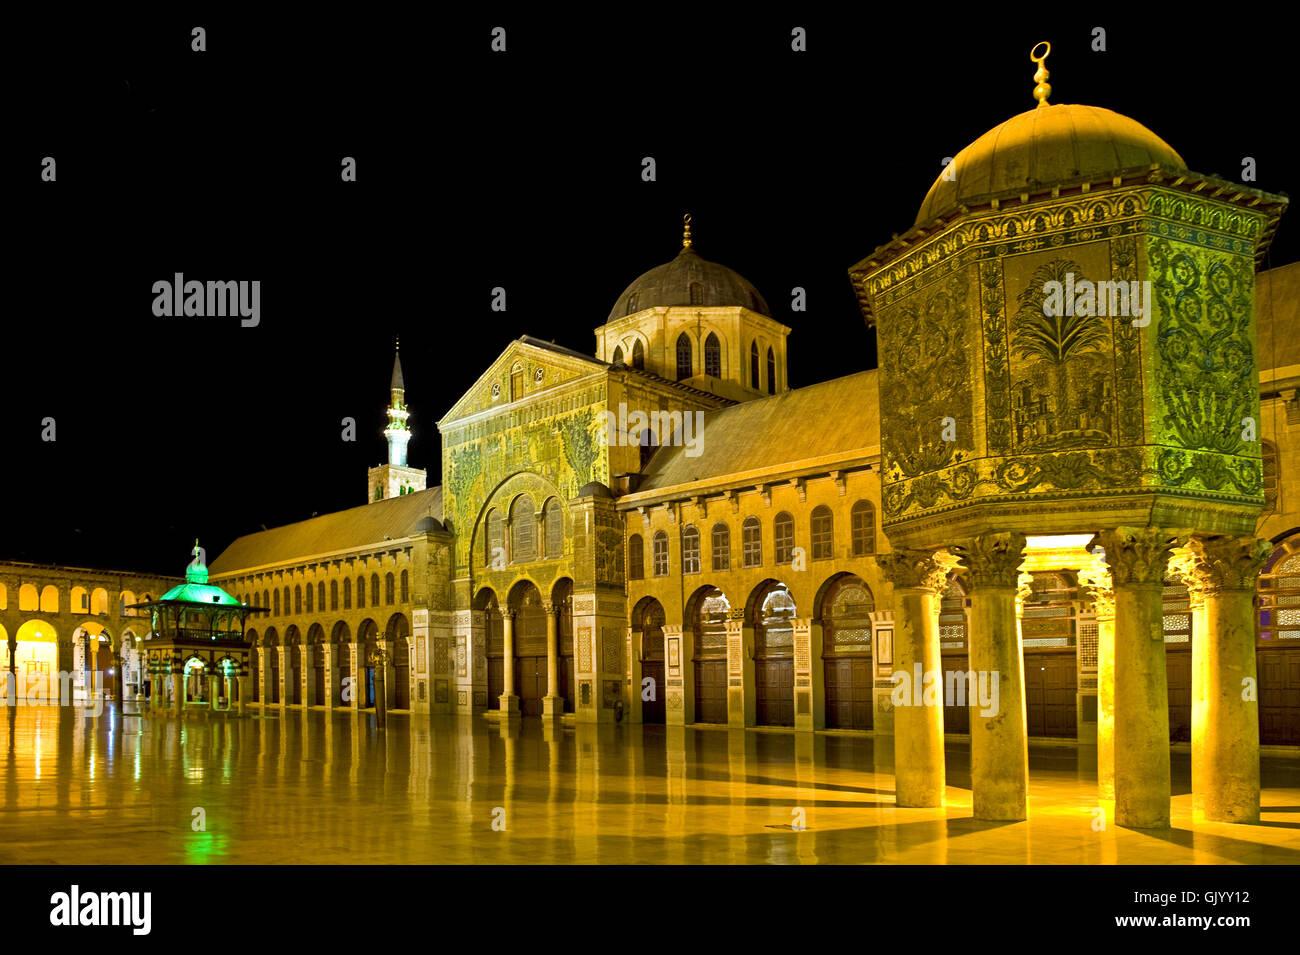 umayyad mosque - Stock Image